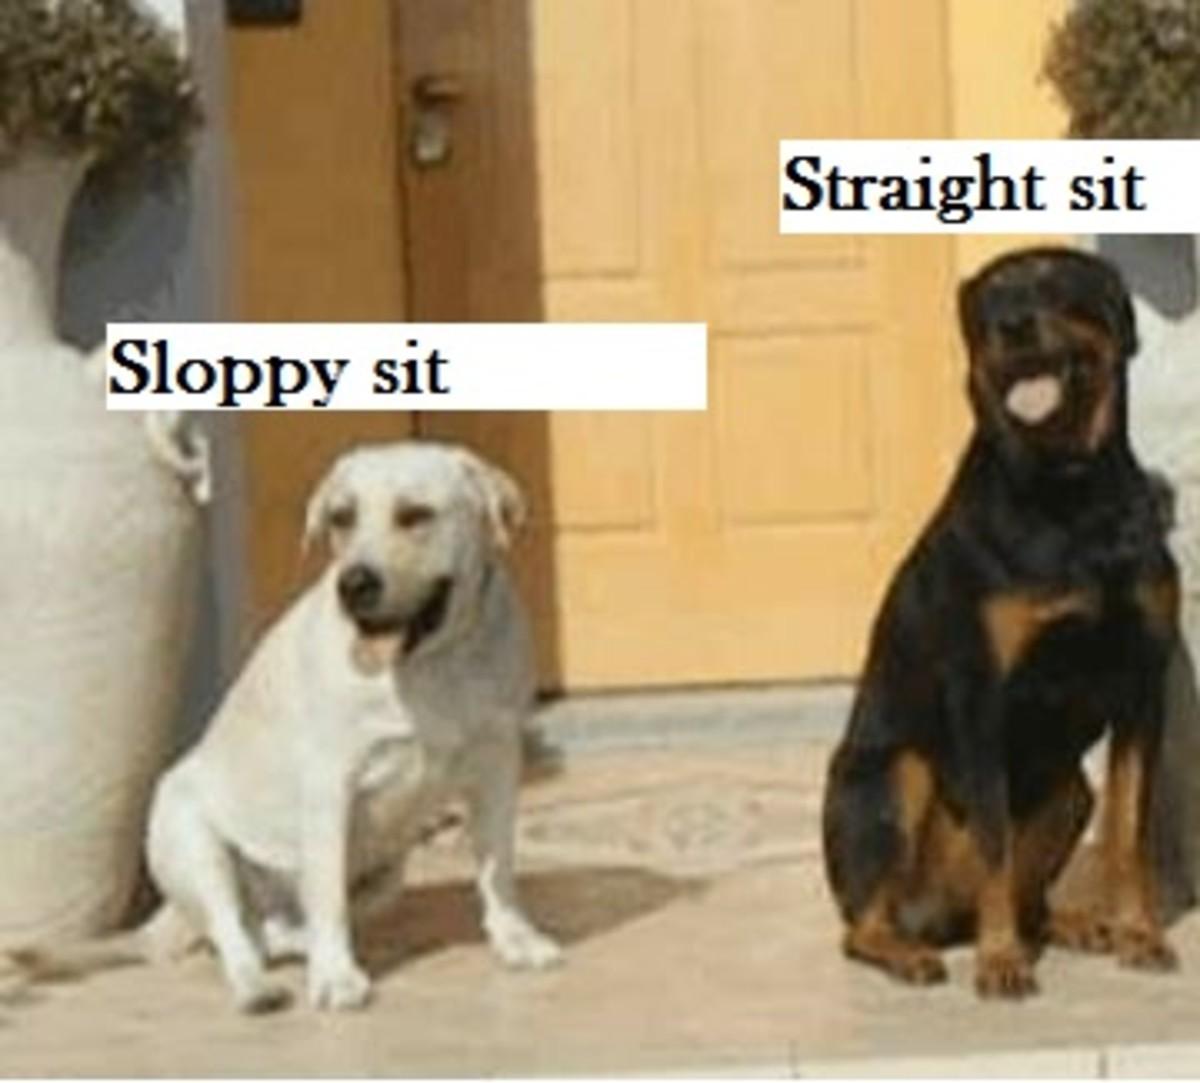 sloppy sit dog